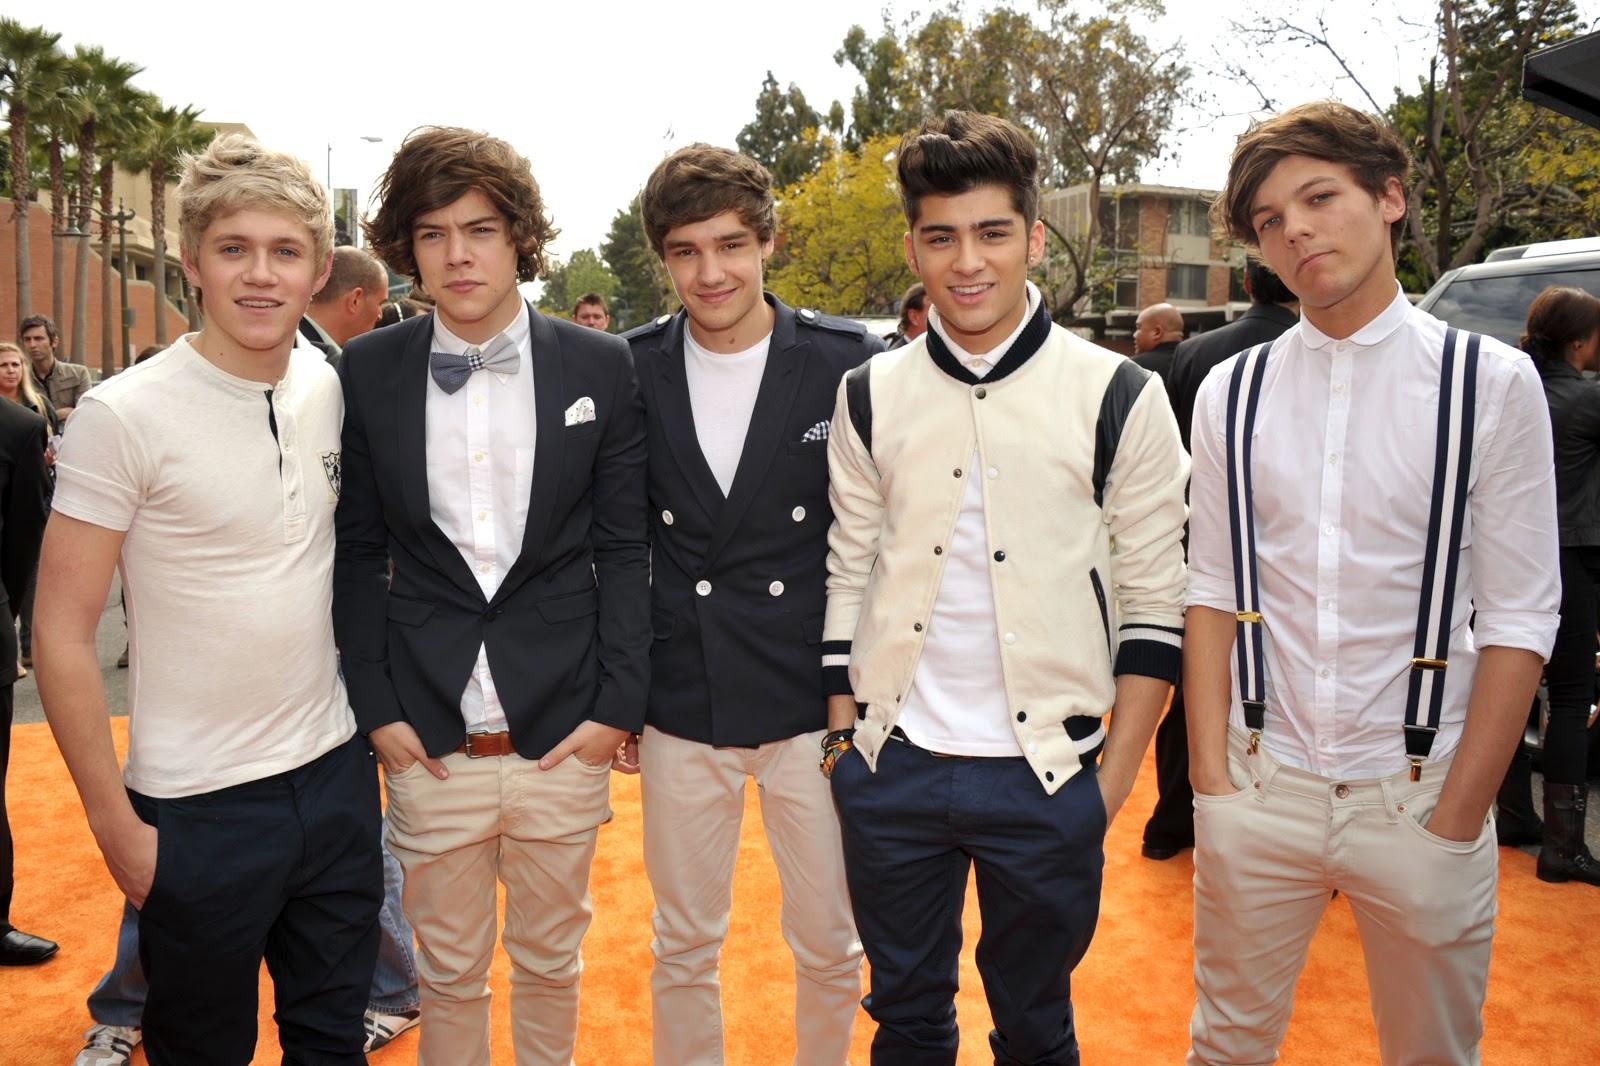 K Ultra Hd One Direction Wallpapers Hd, Desktop Backgrounds - One Direction 2012 - HD Wallpaper